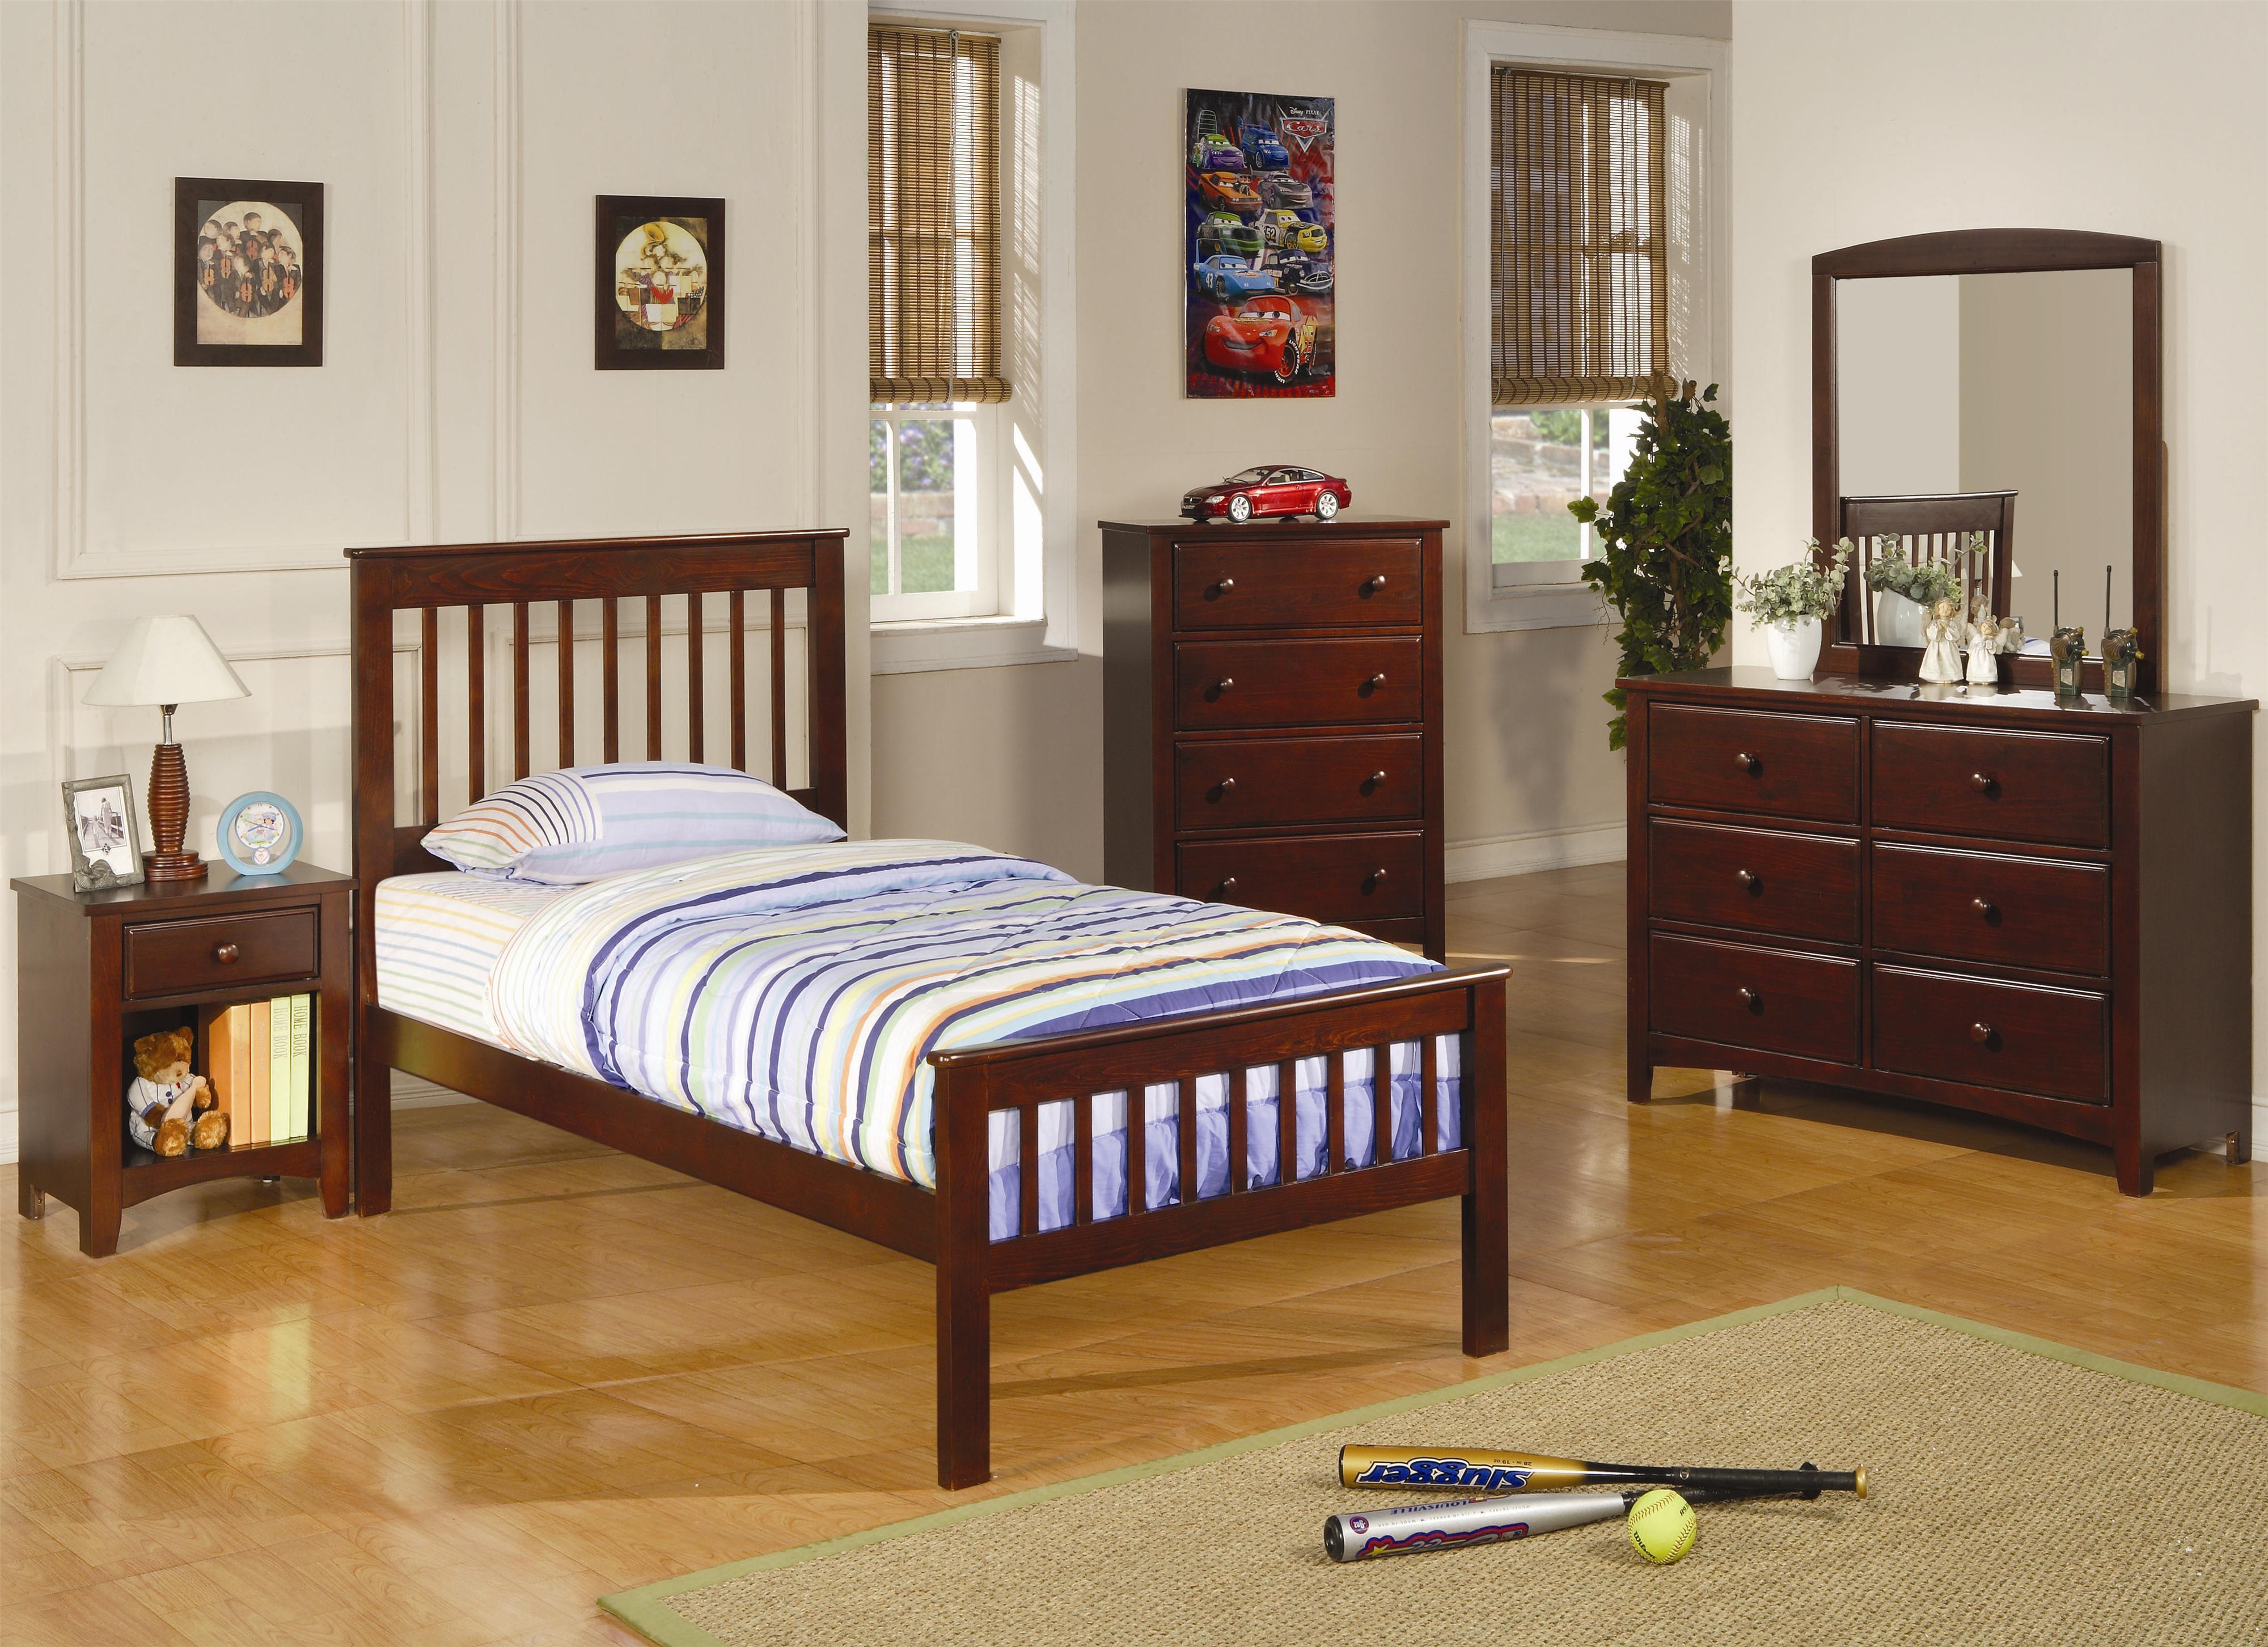 coaster furniture - parker bedroom set - broadway furniture